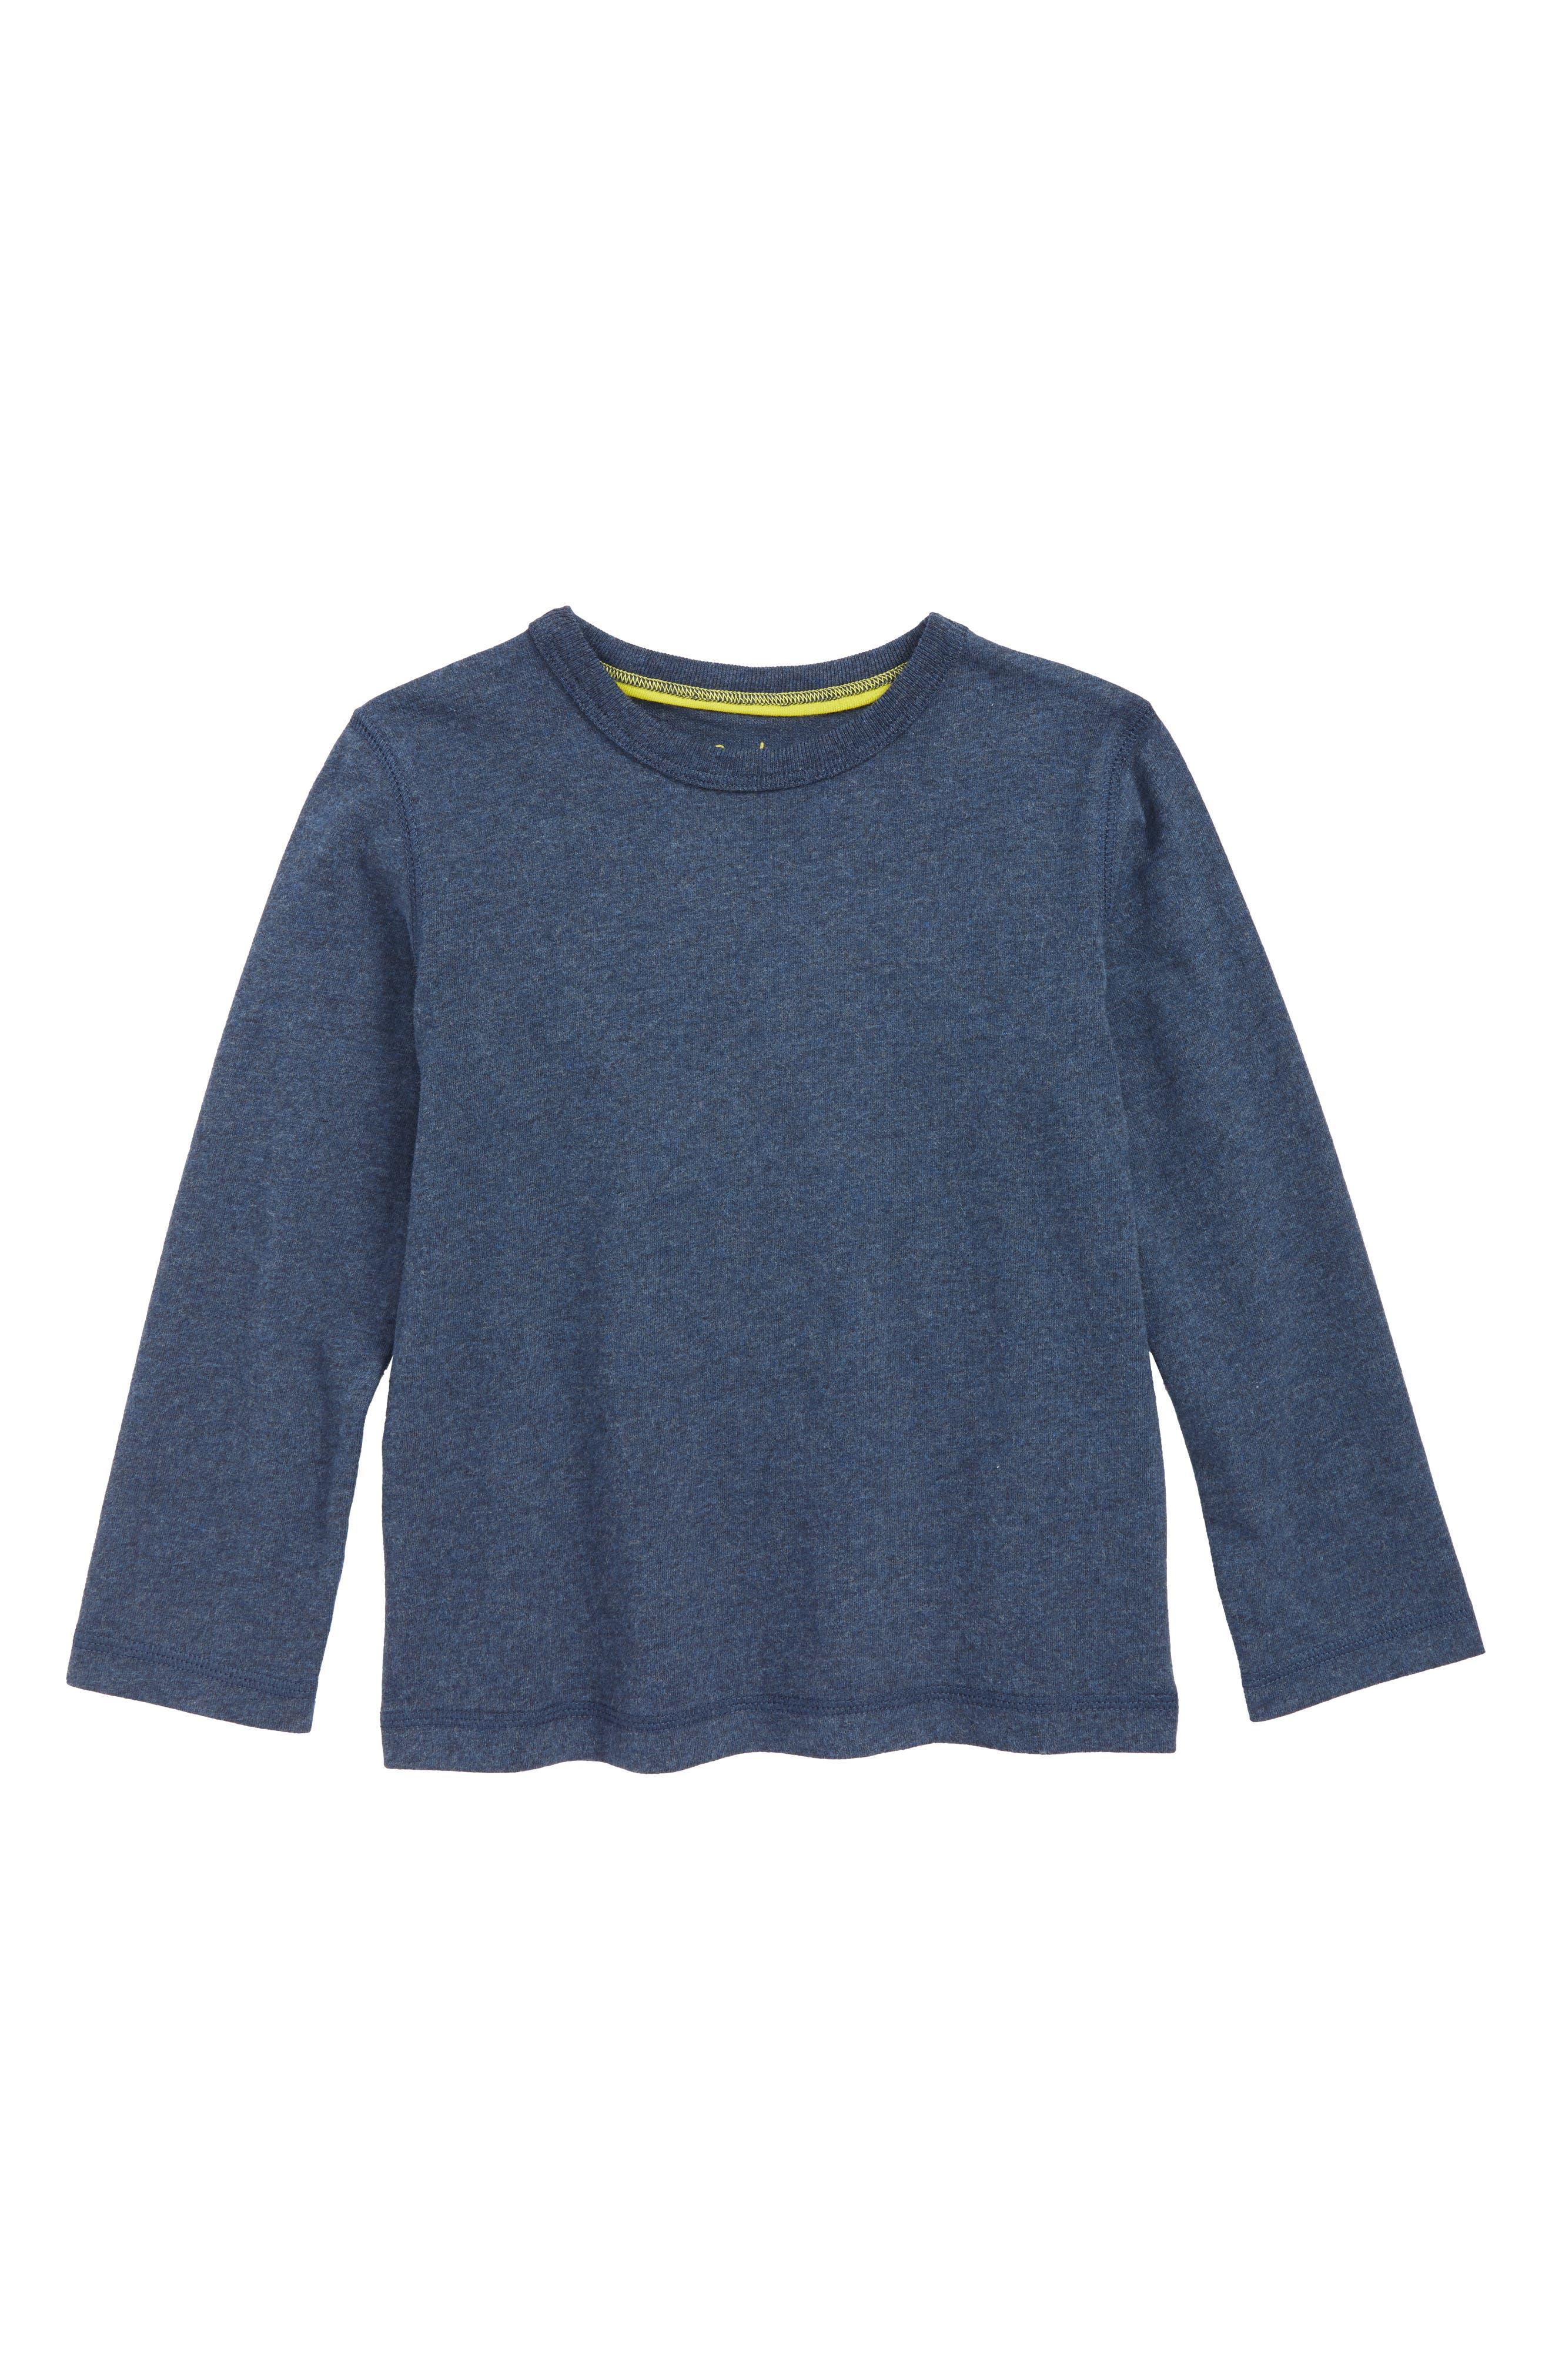 Supersoft Long Sleeve T-Shirt,                             Main thumbnail 1, color,                             NAVY MARL